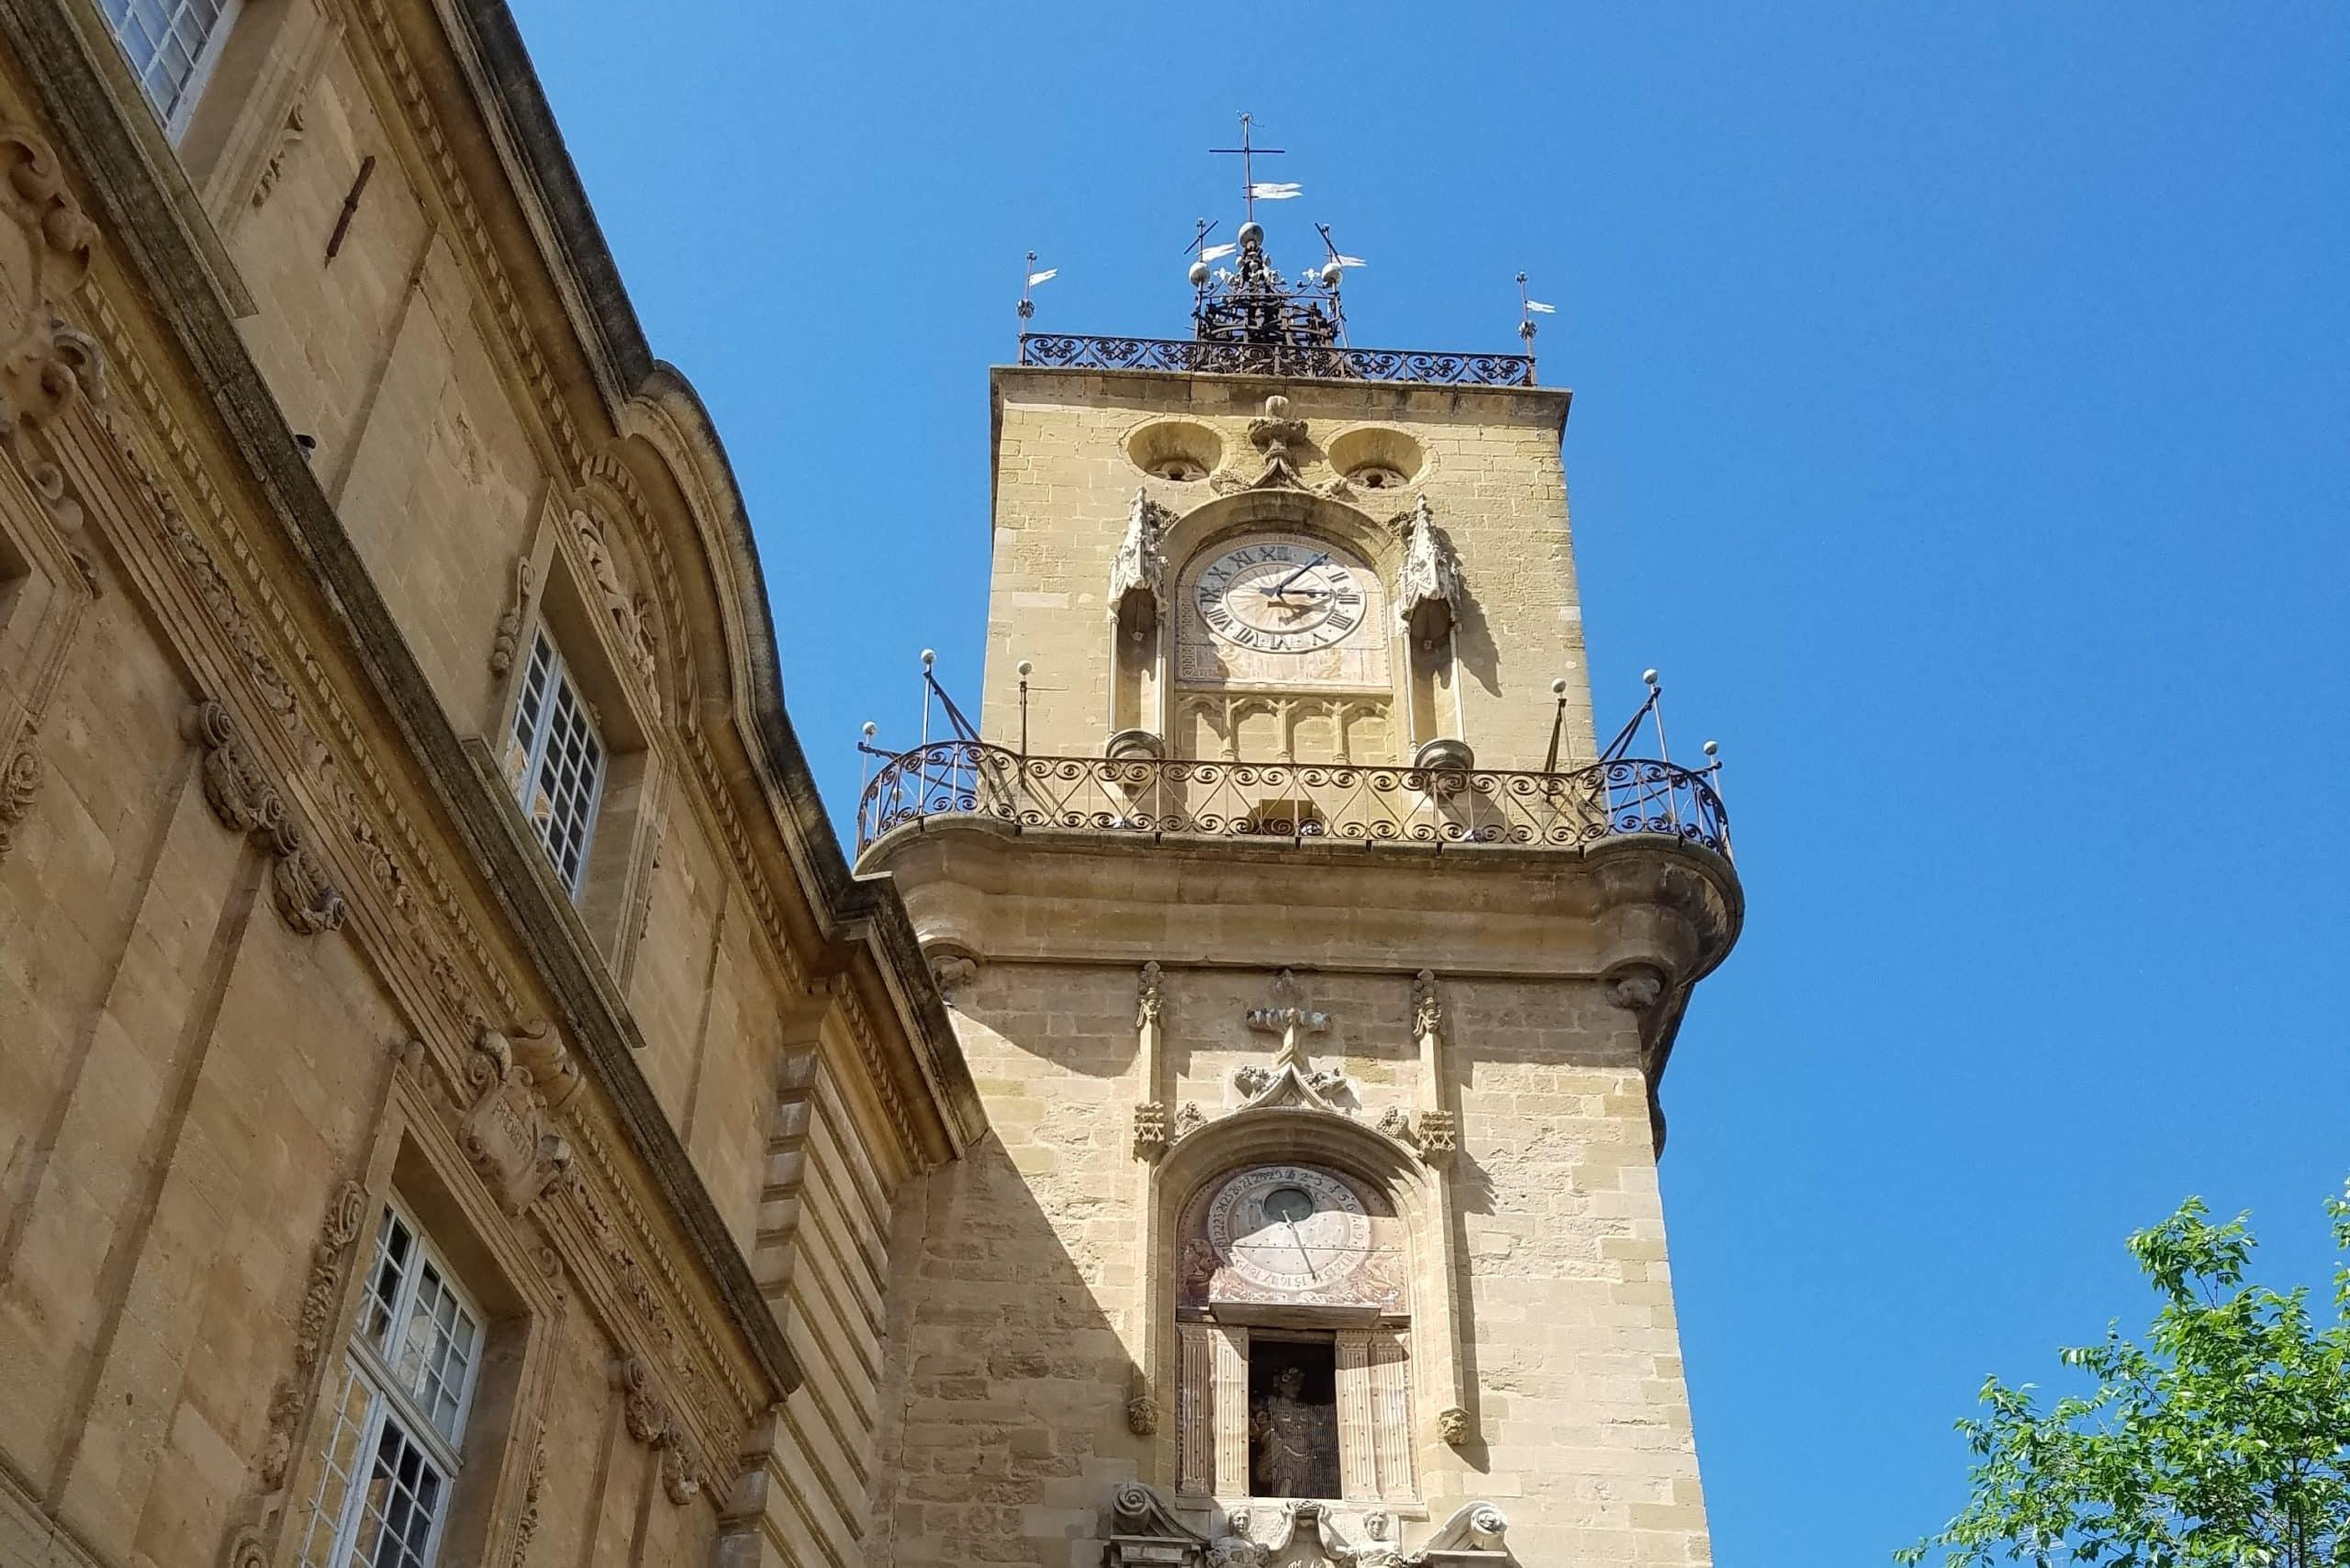 Tour de l'Horloge - Aix